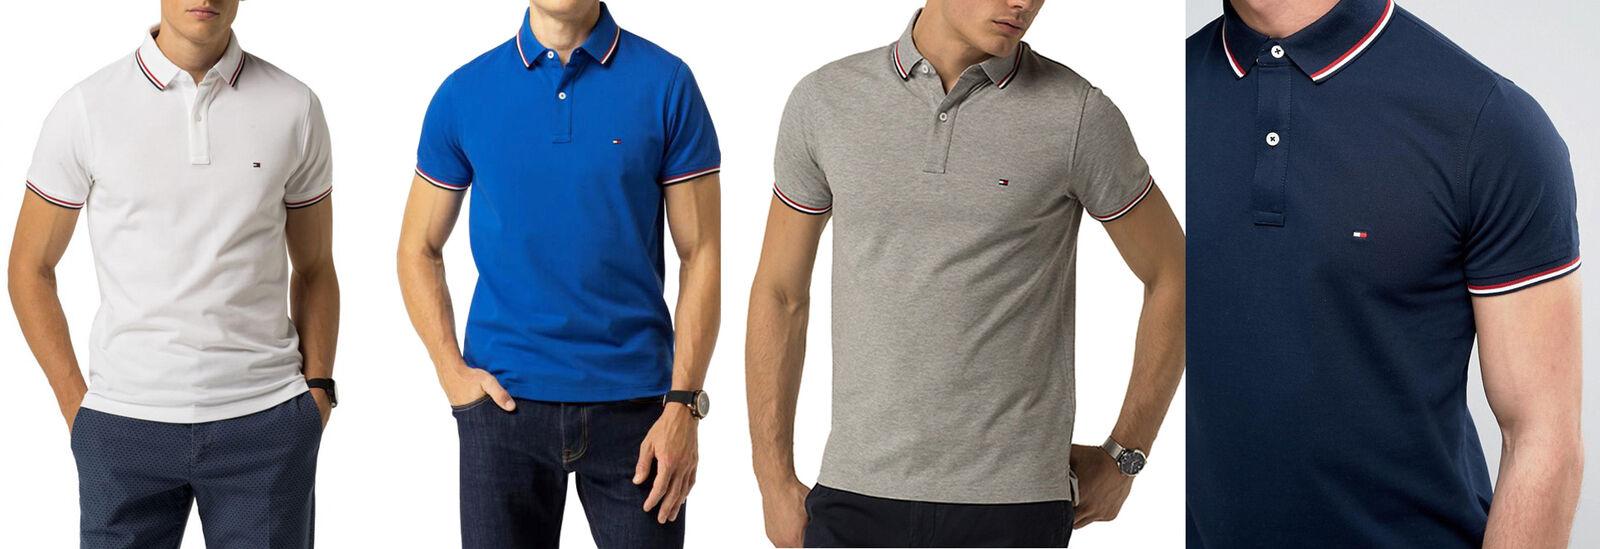 Tommy Hilfiger Herren Poloshirt Tipped Hemd Kurzarm shirt Classic Fit S-XXL OVP